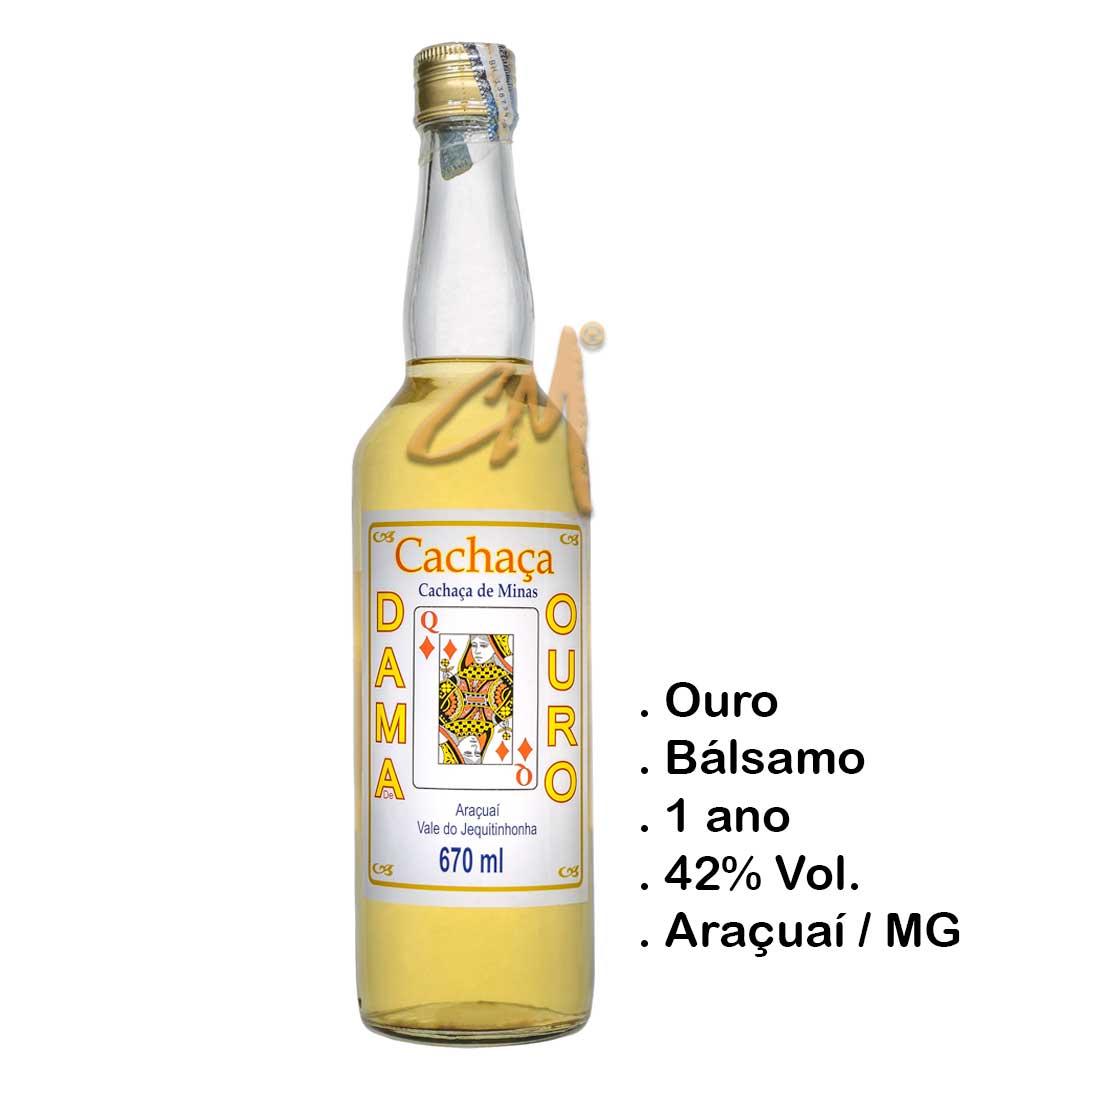 Cachaça Dama de Ouro 670 ml (Araçuaí - MG)